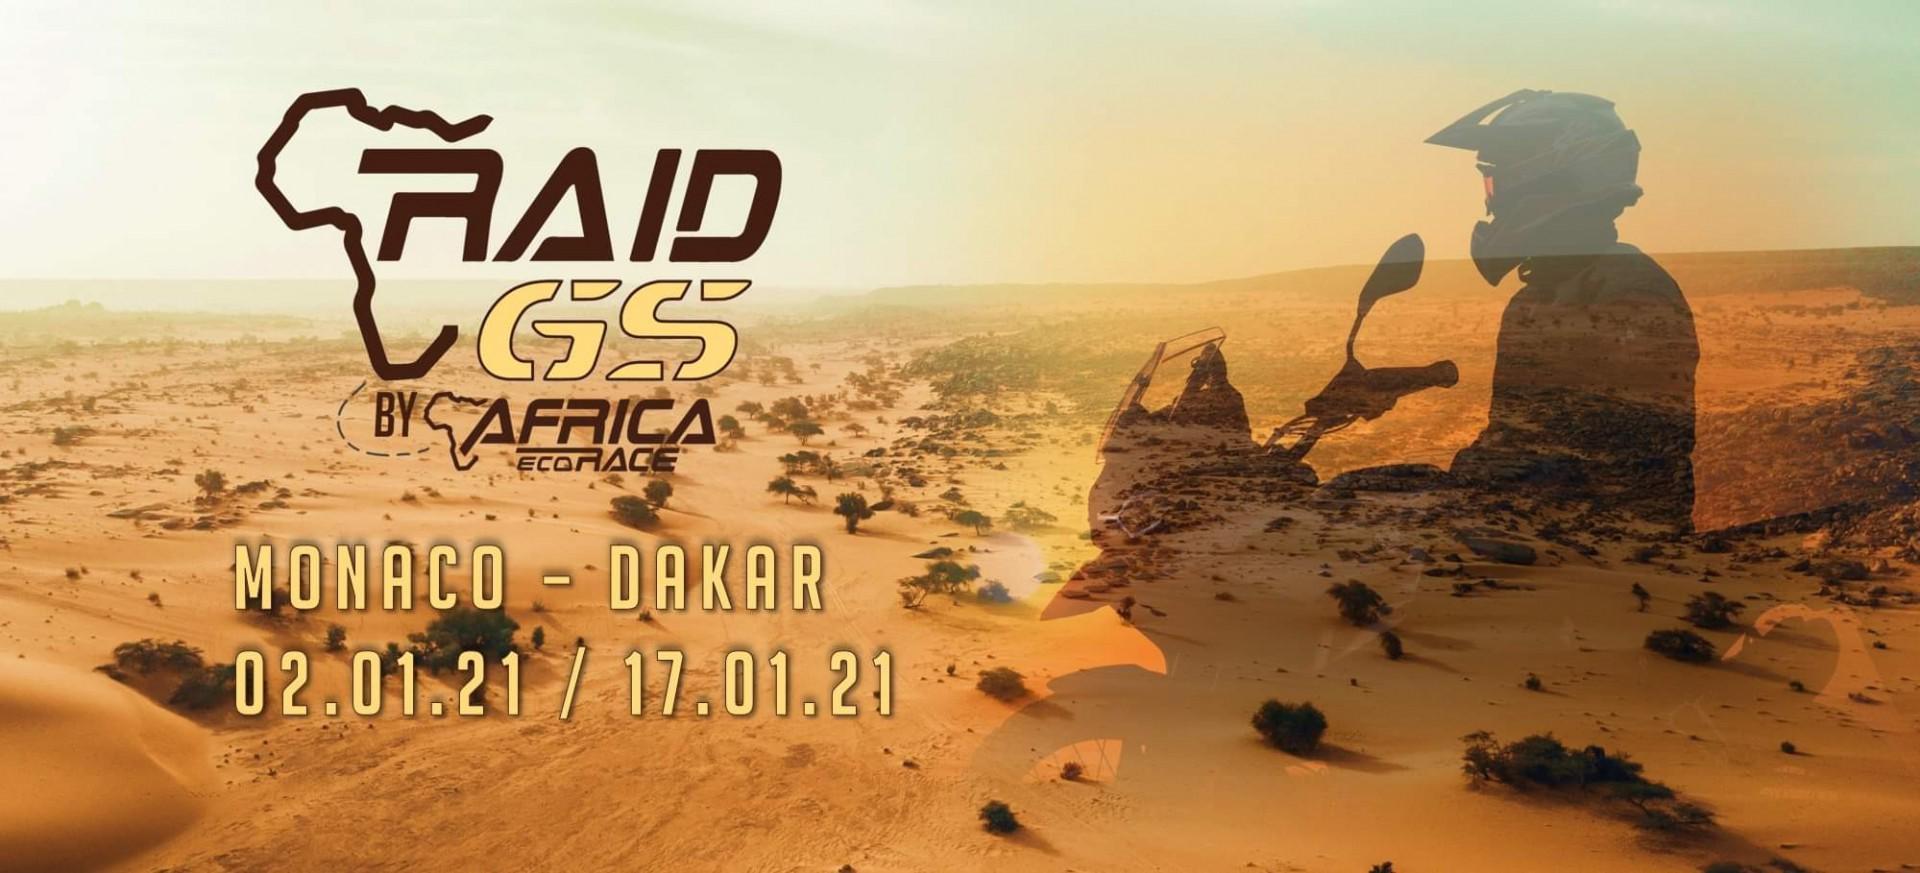 Africa Raid GS, le nouveau raid de l'Africa Eco Race